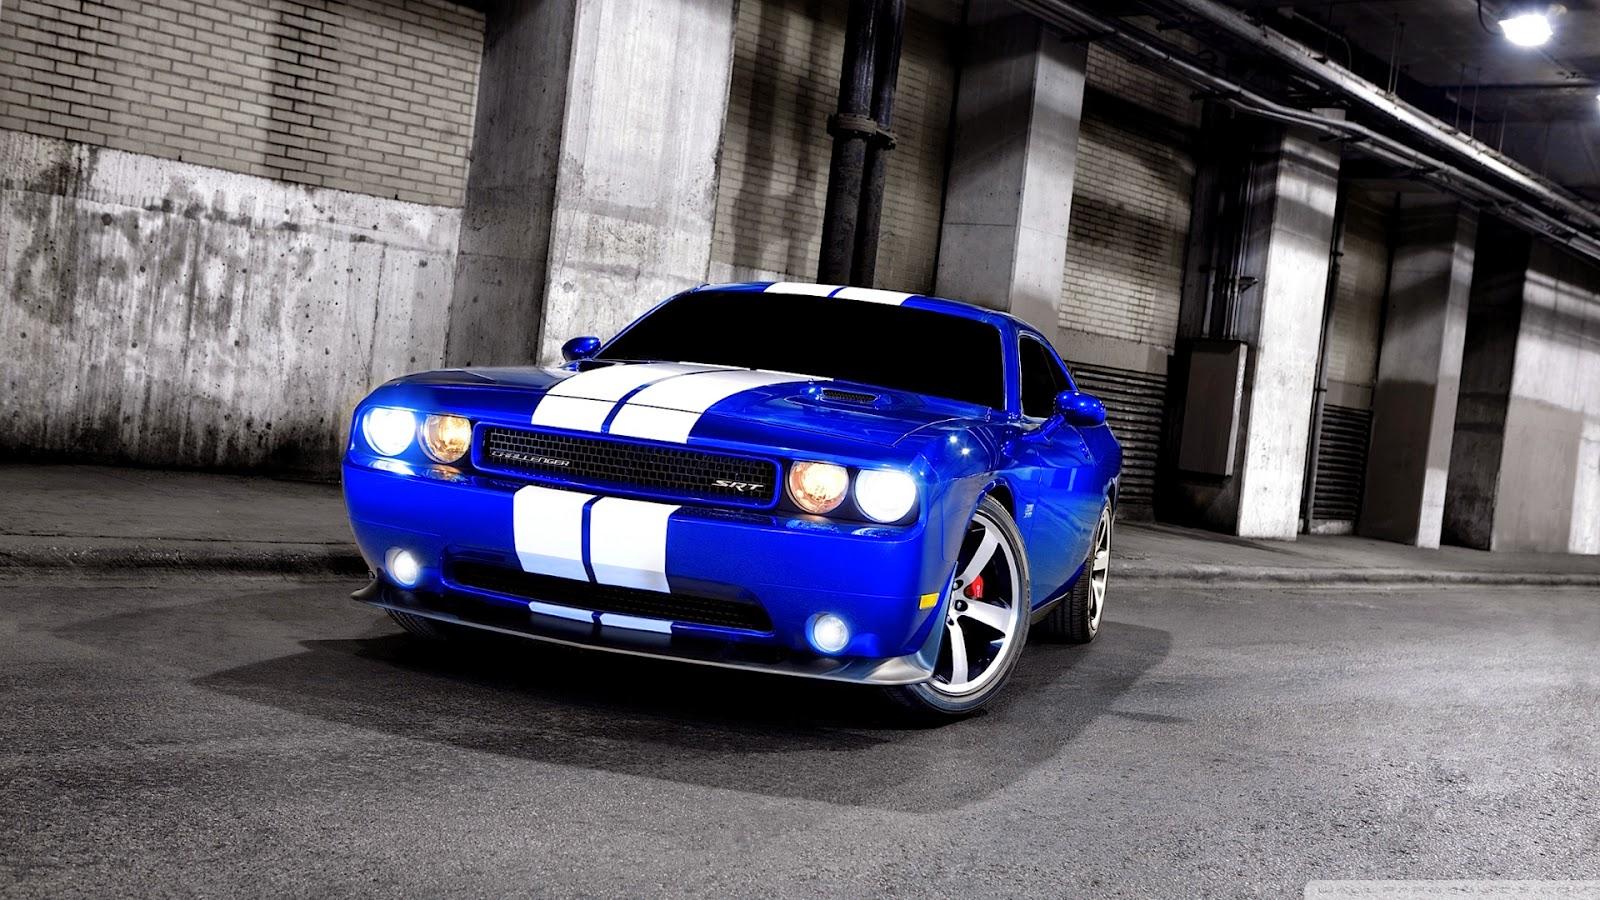 Dodge Challenger SRT Blue color